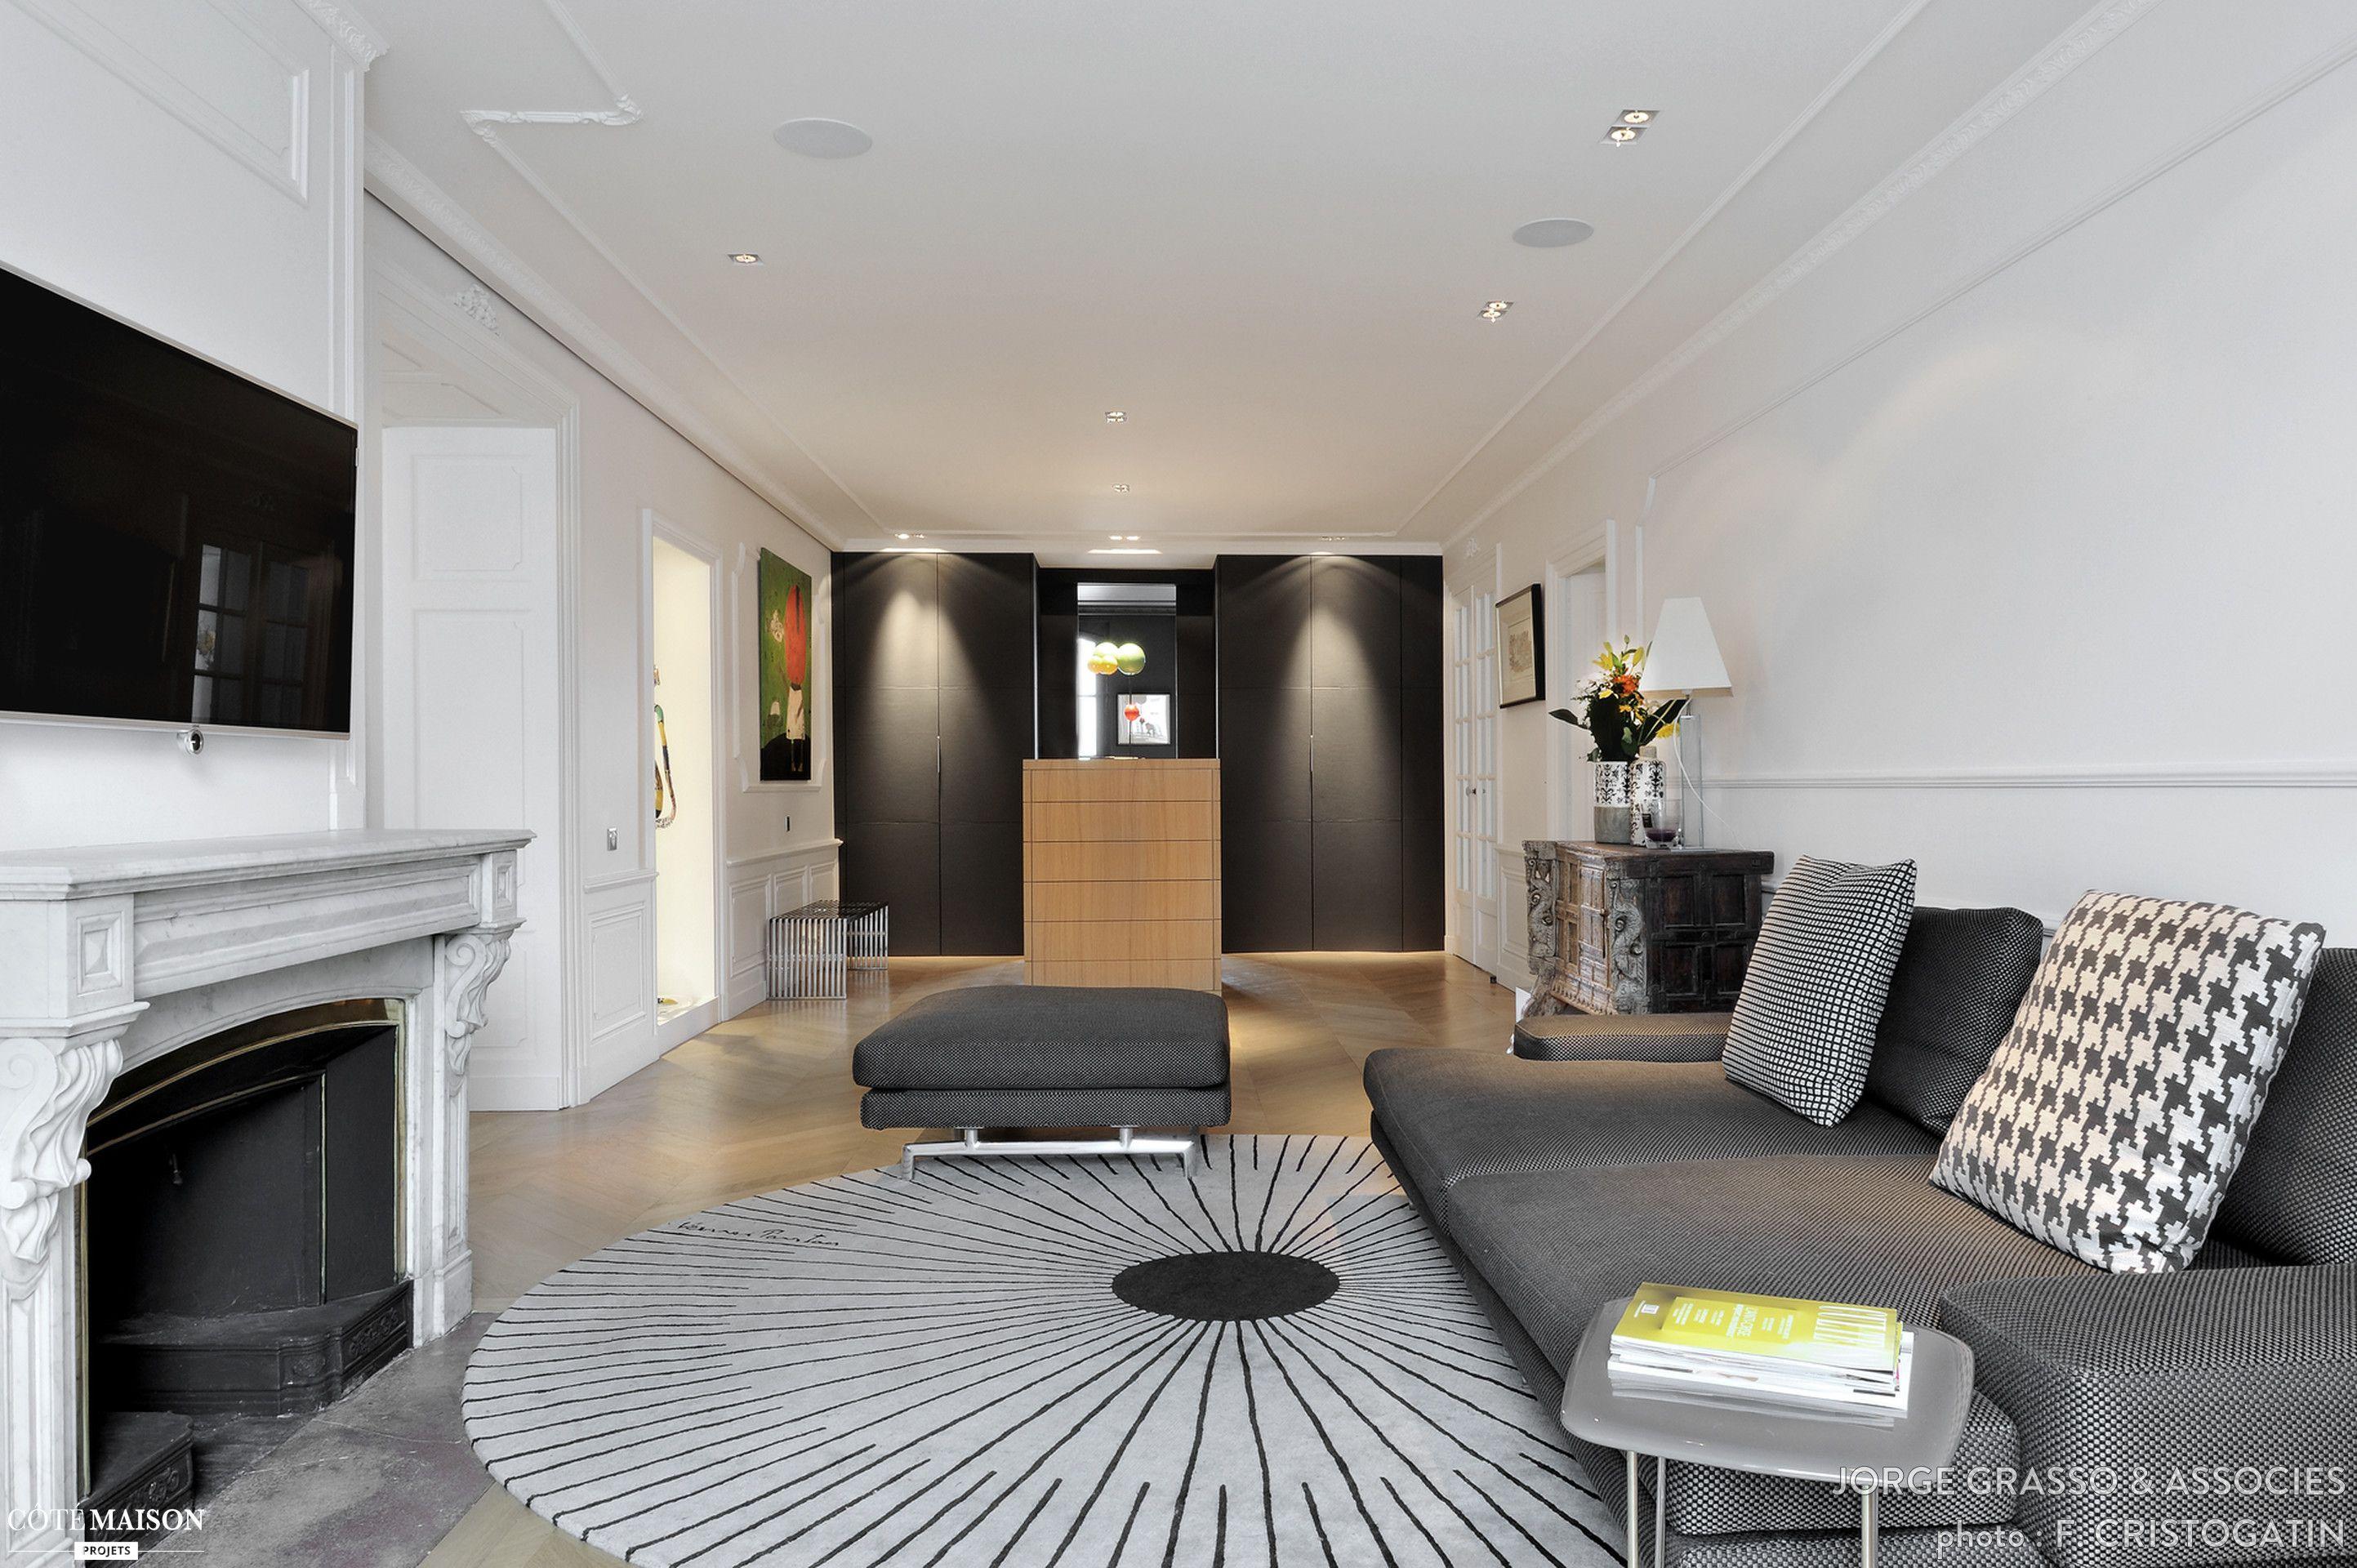 appartement haussmannien quai de sa ne lyon jorge grasso. Black Bedroom Furniture Sets. Home Design Ideas